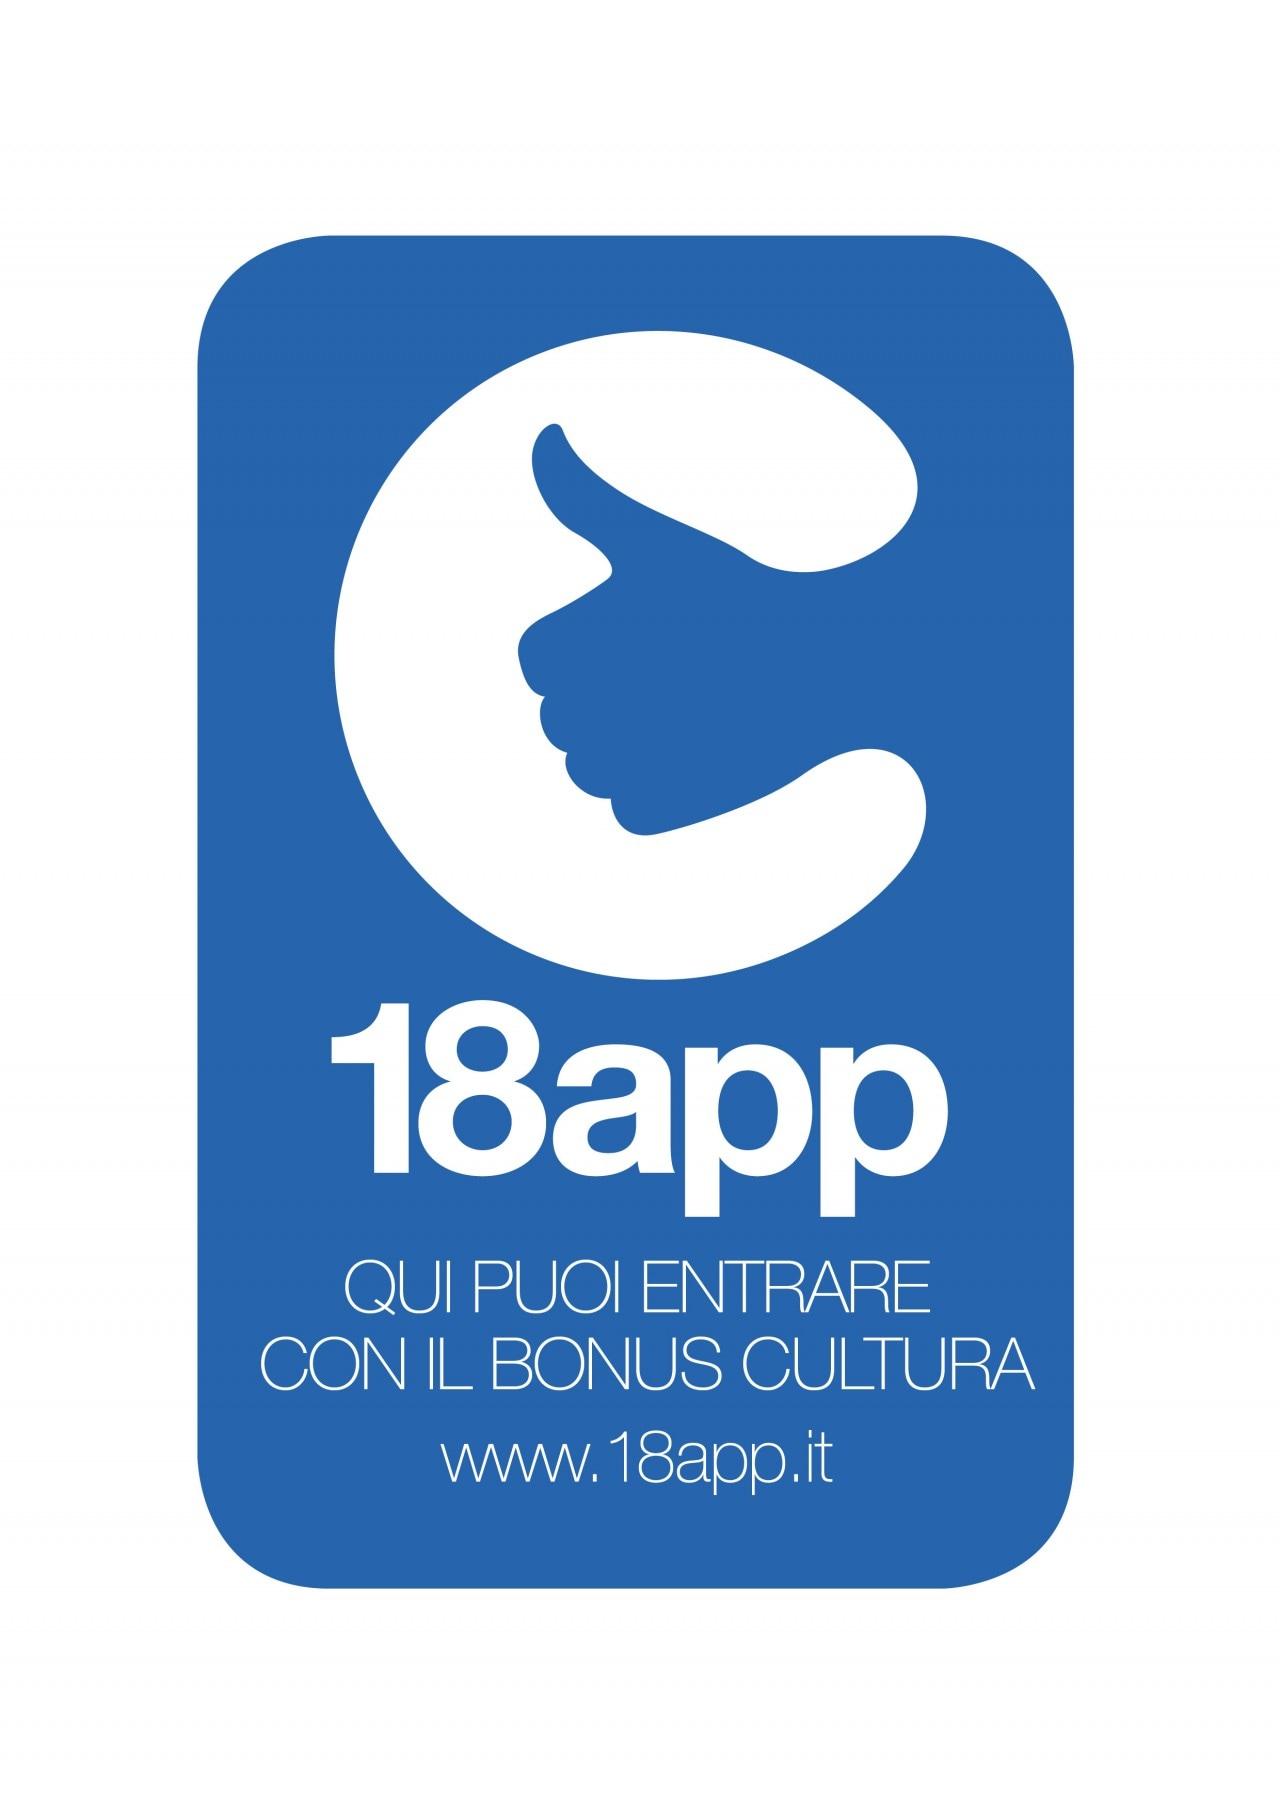 18app, il portale per attivare il bonus da 500€ per i ragazzi nati nel 1998 (foto)